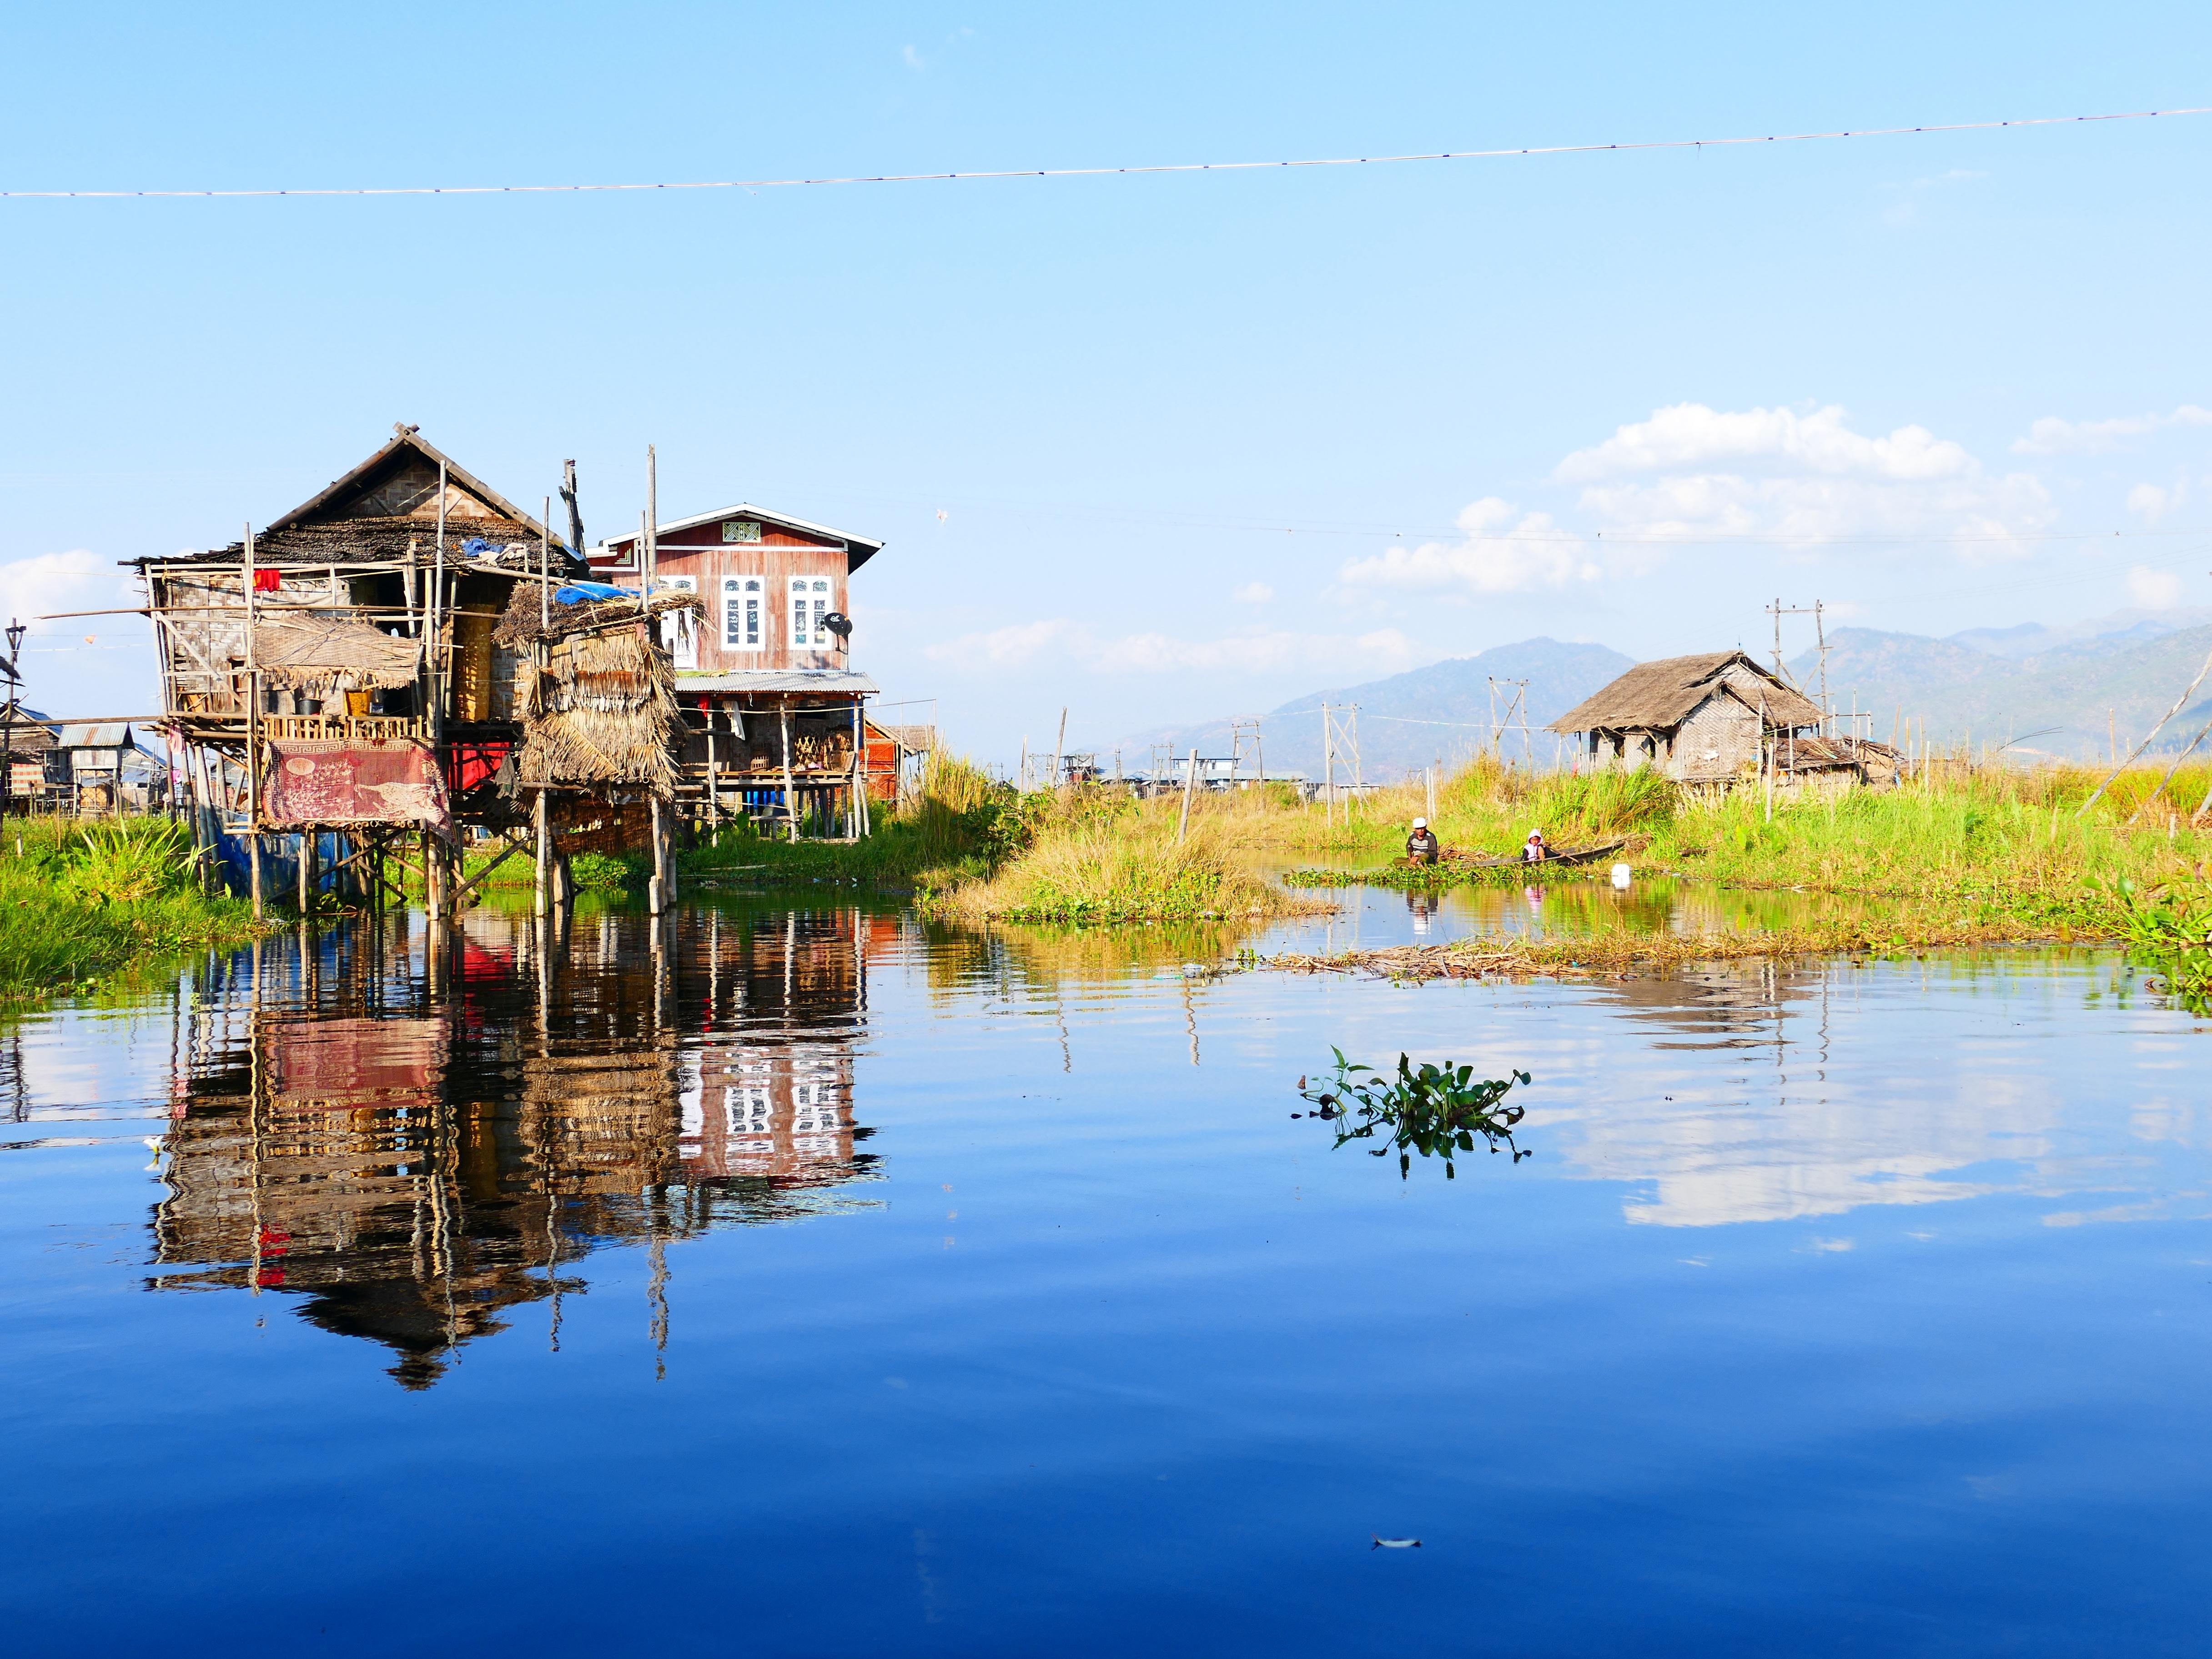 mar agua apuntalar lago casa ro vacaciones choza pueblo estanque reflexin baha camino acutico tallo aguas